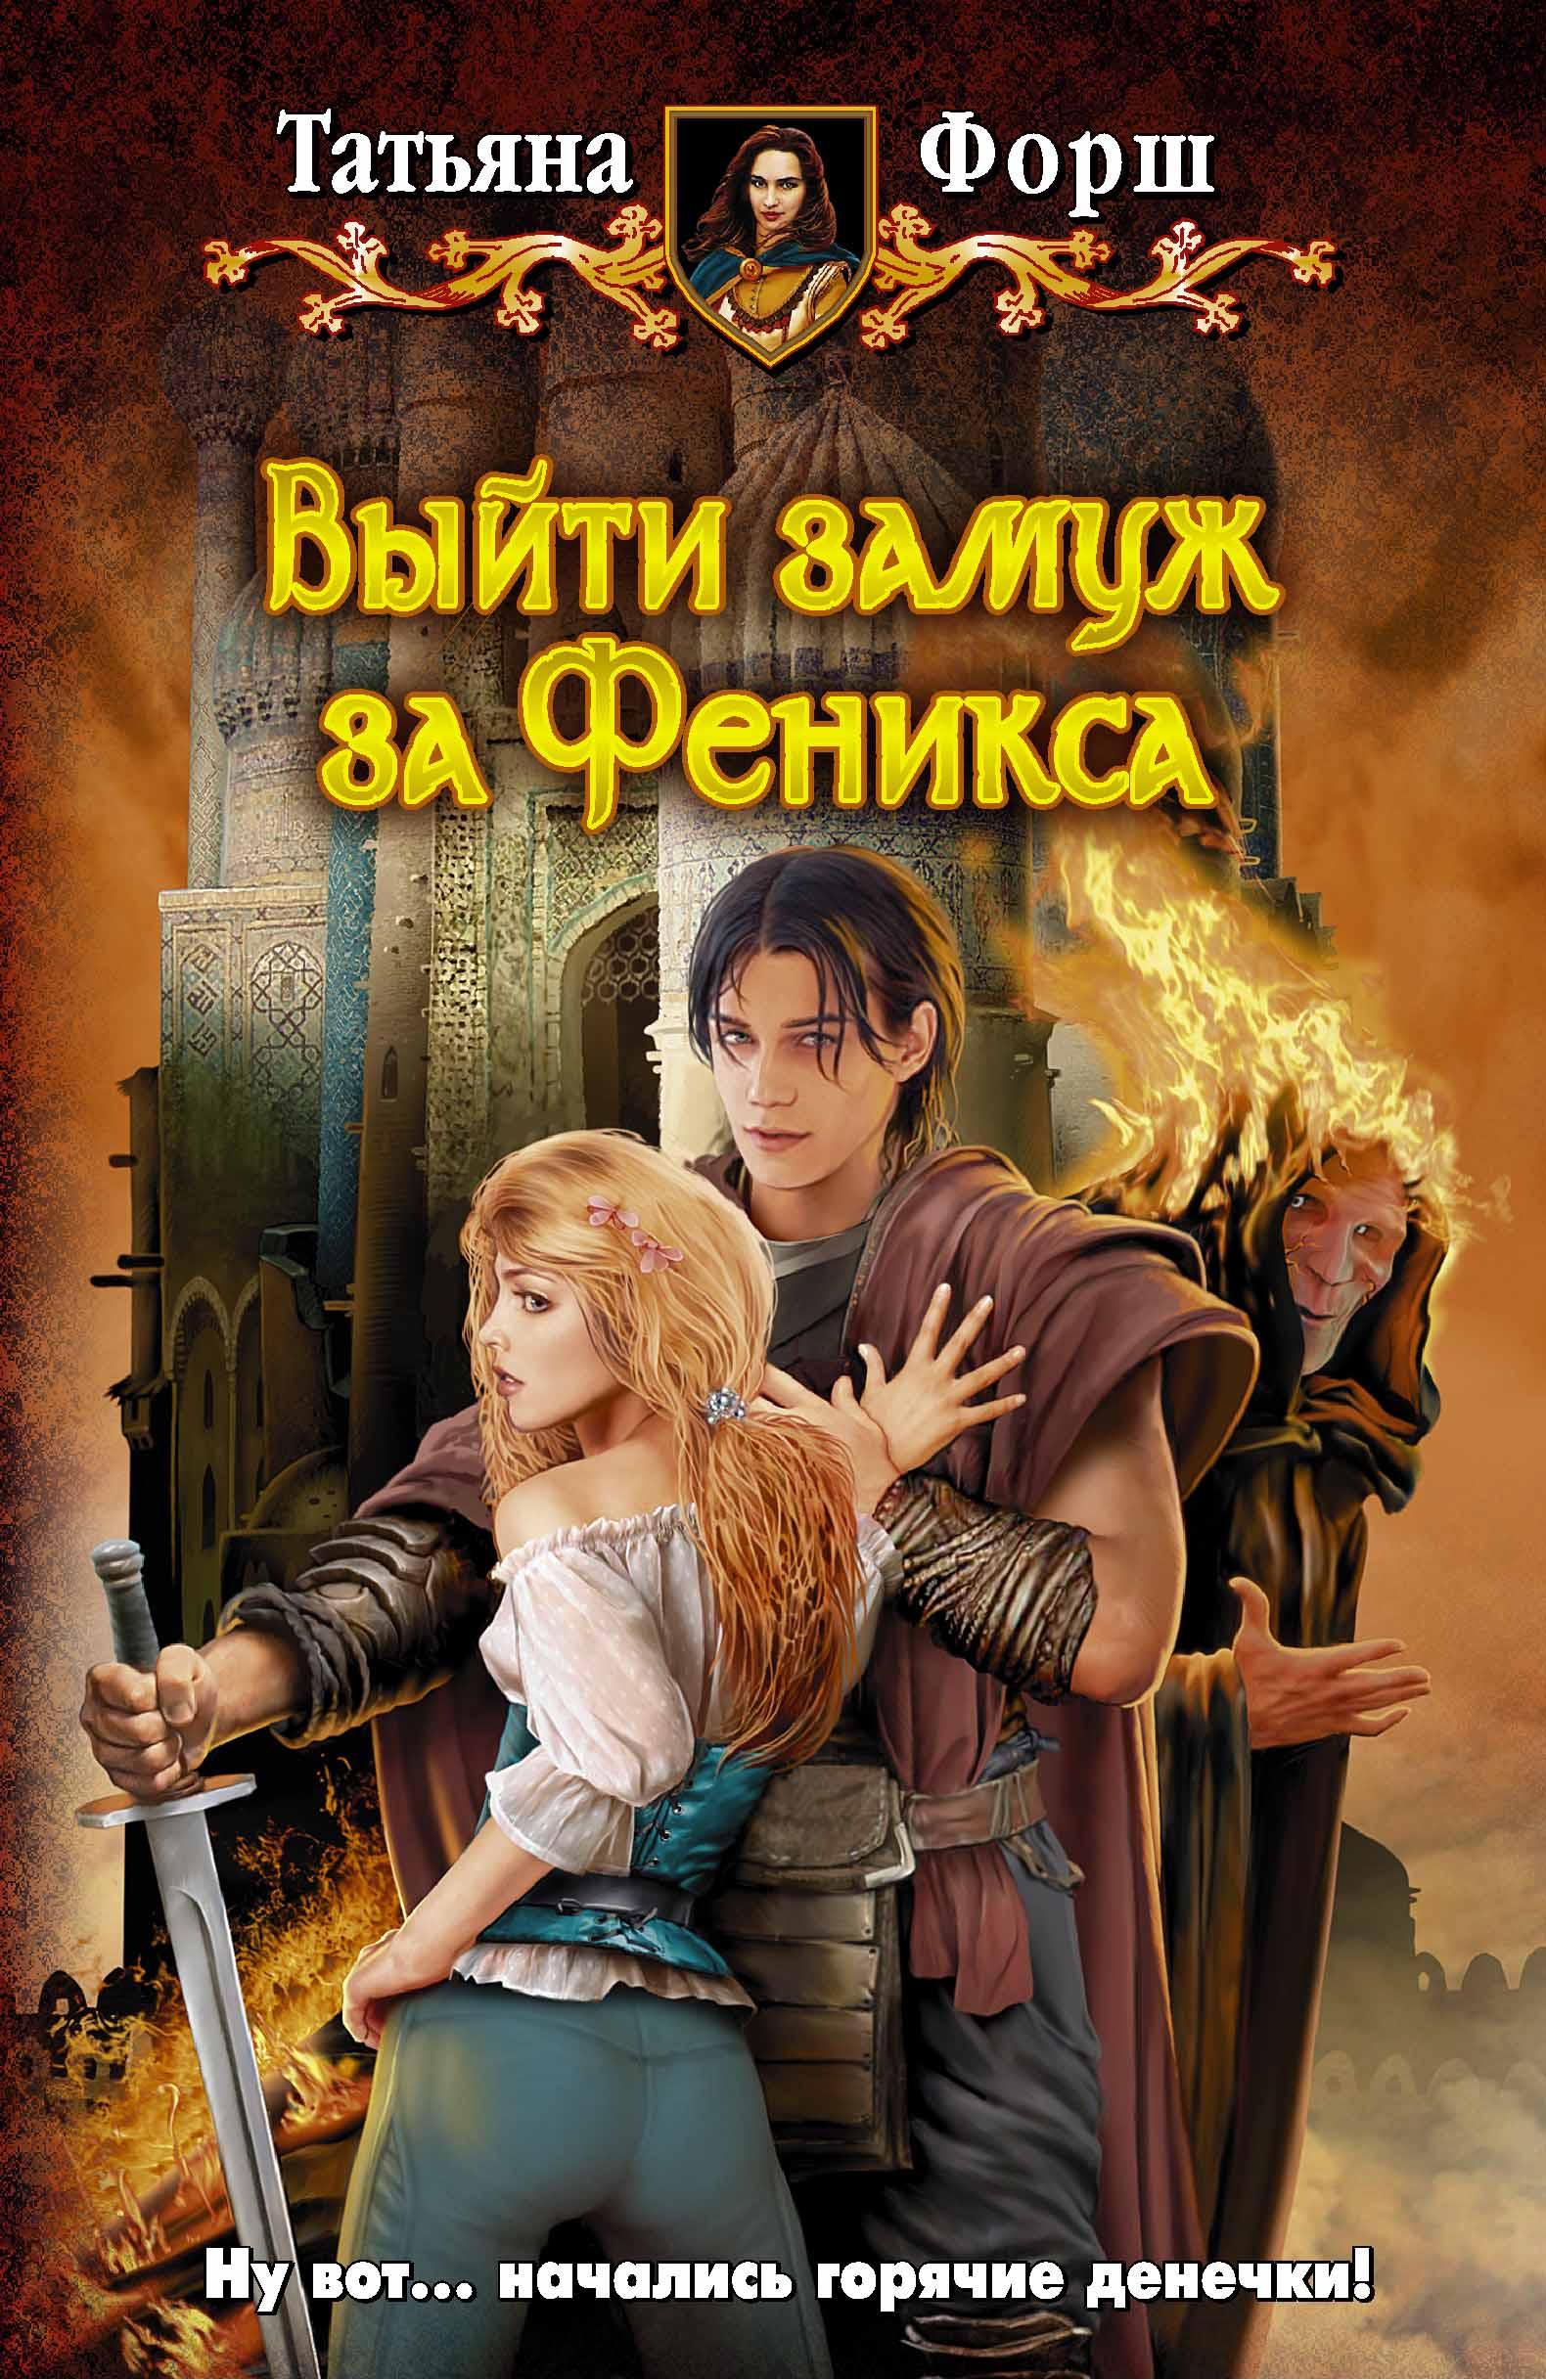 Книги фэнтези жанр романтическое скачать бесплатно